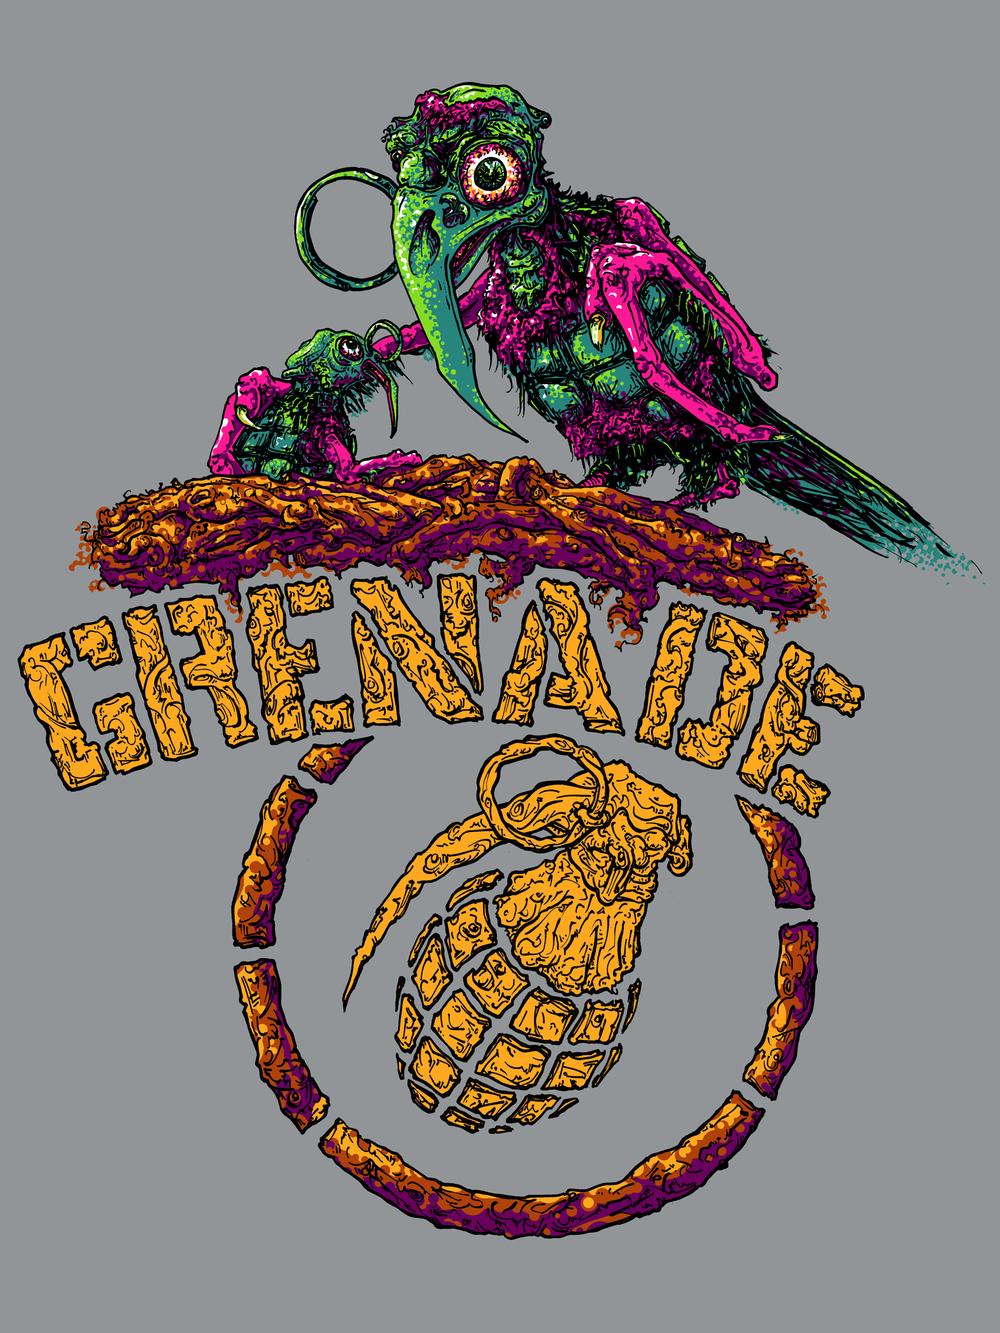 115_grenade_birdsnest.jpg